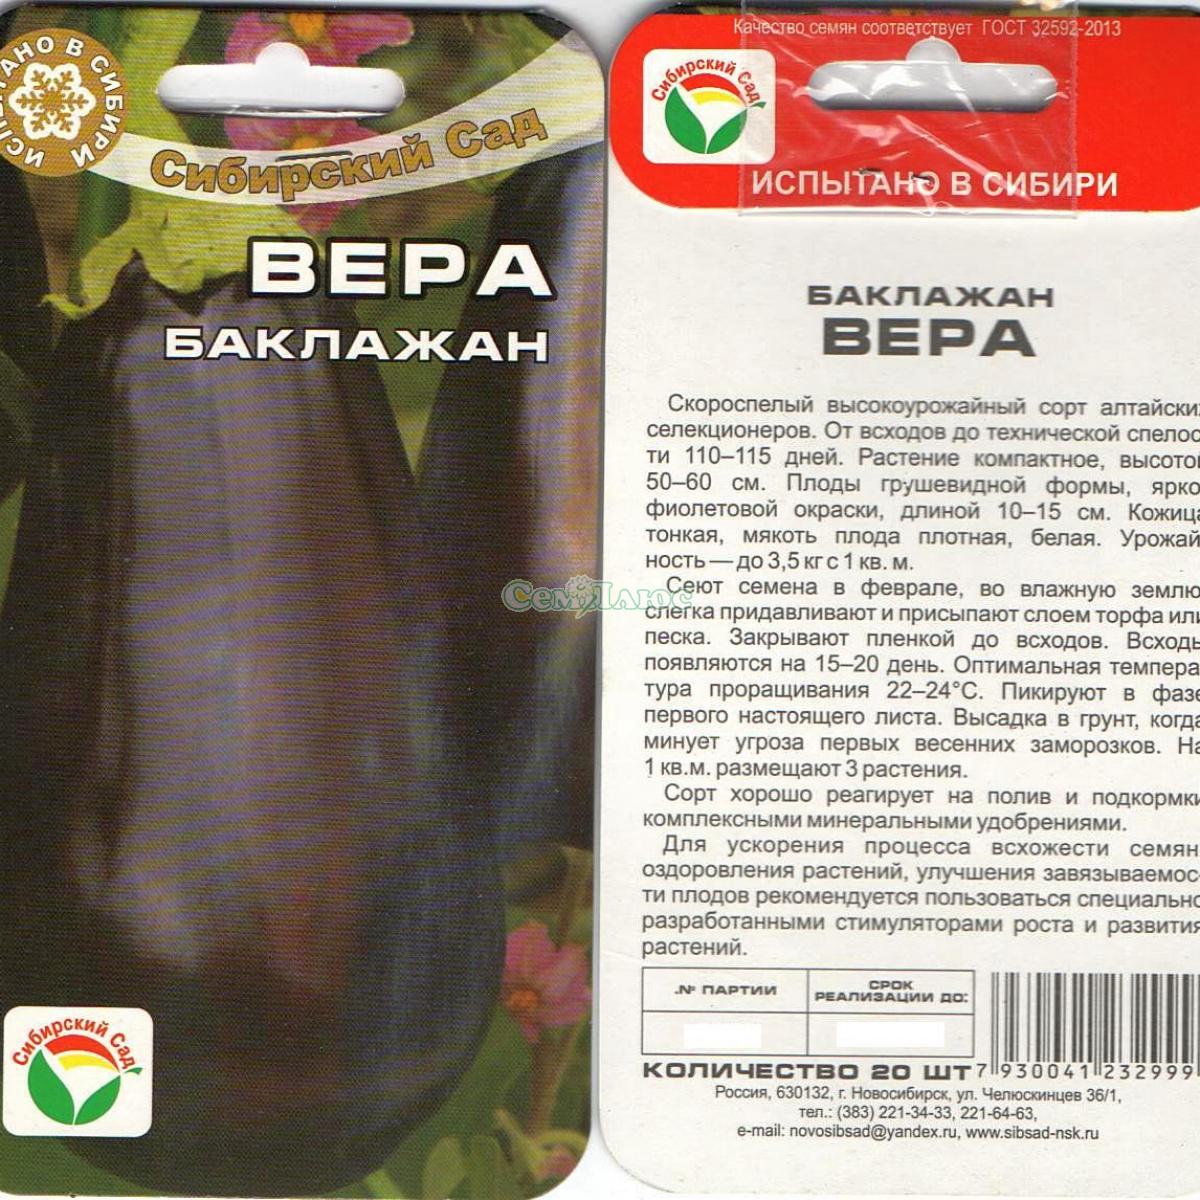 Баклажан вера (vera): описание сорта, фото, отзывы, урожайность, правила выращивания